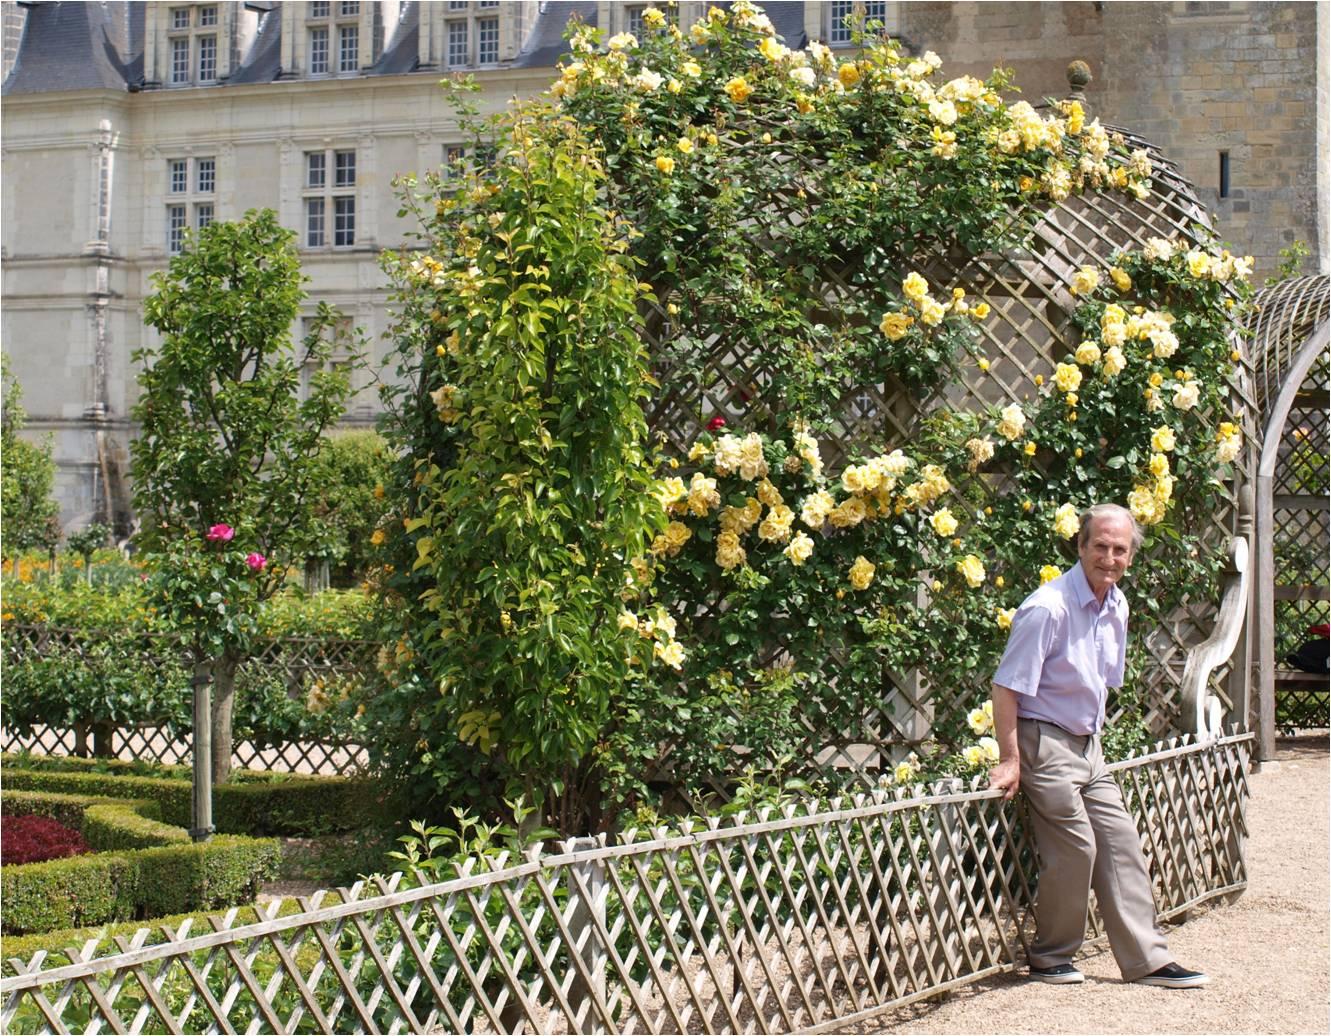 Tonnelles de jardin - Mobil home dans son jardin ...